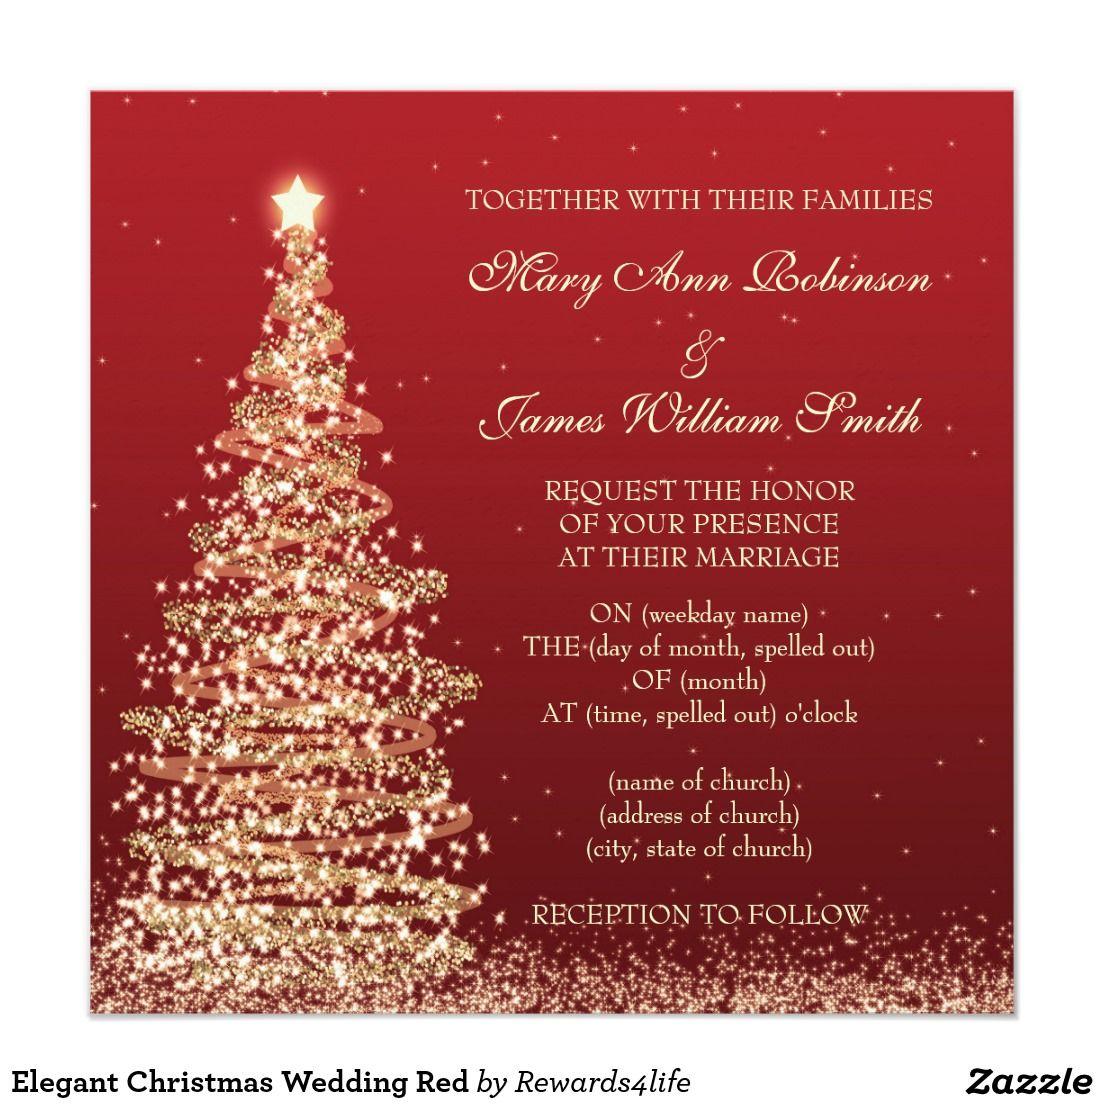 Contemporary Wedding Invitation Etiquette Addressing Images ...